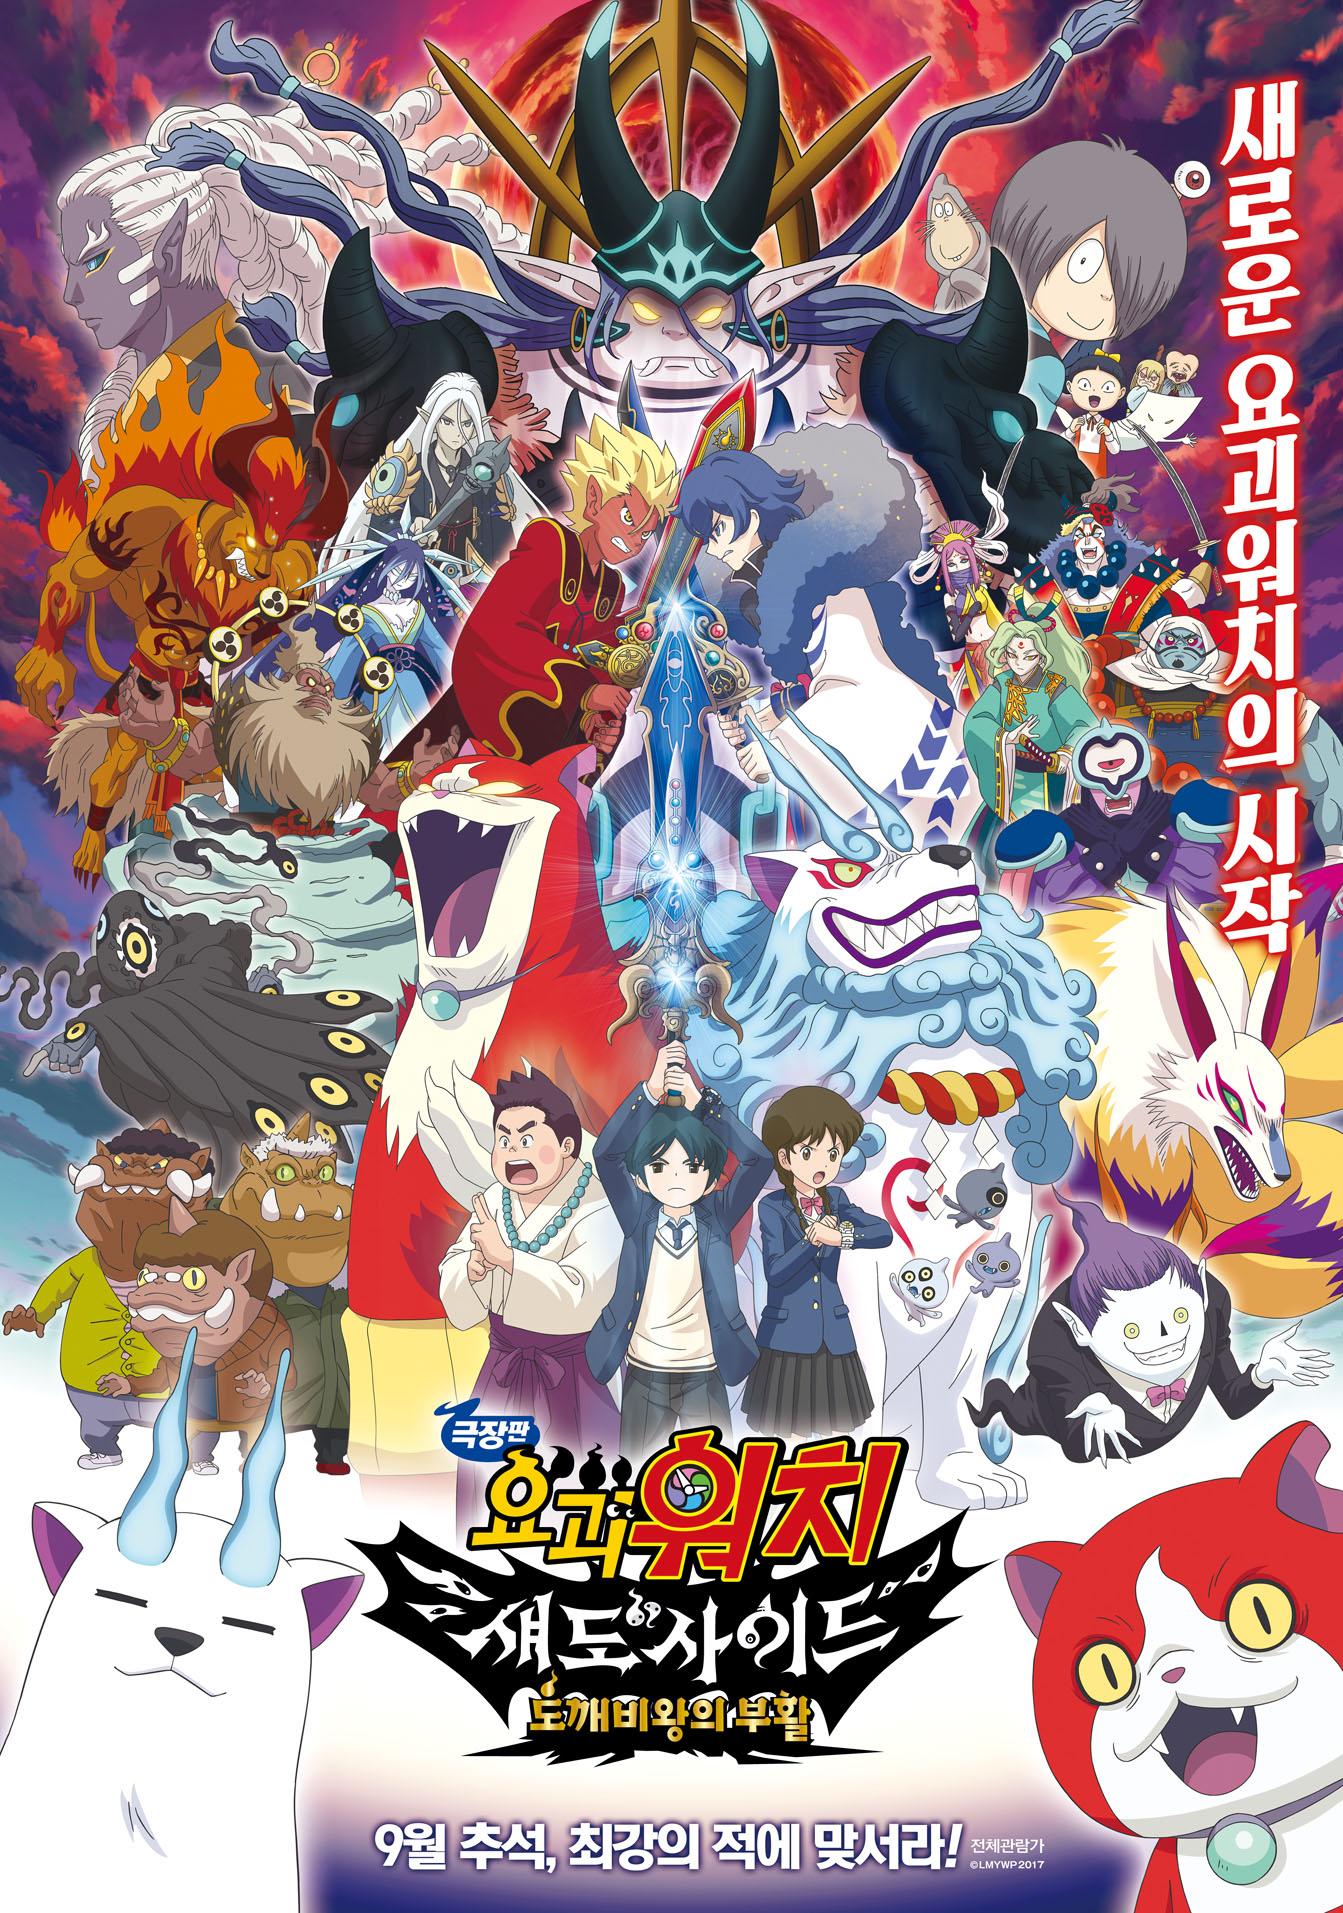 극장판 요괴워치 섀도사이드: 도깨비왕의 부활 (한국어더빙)